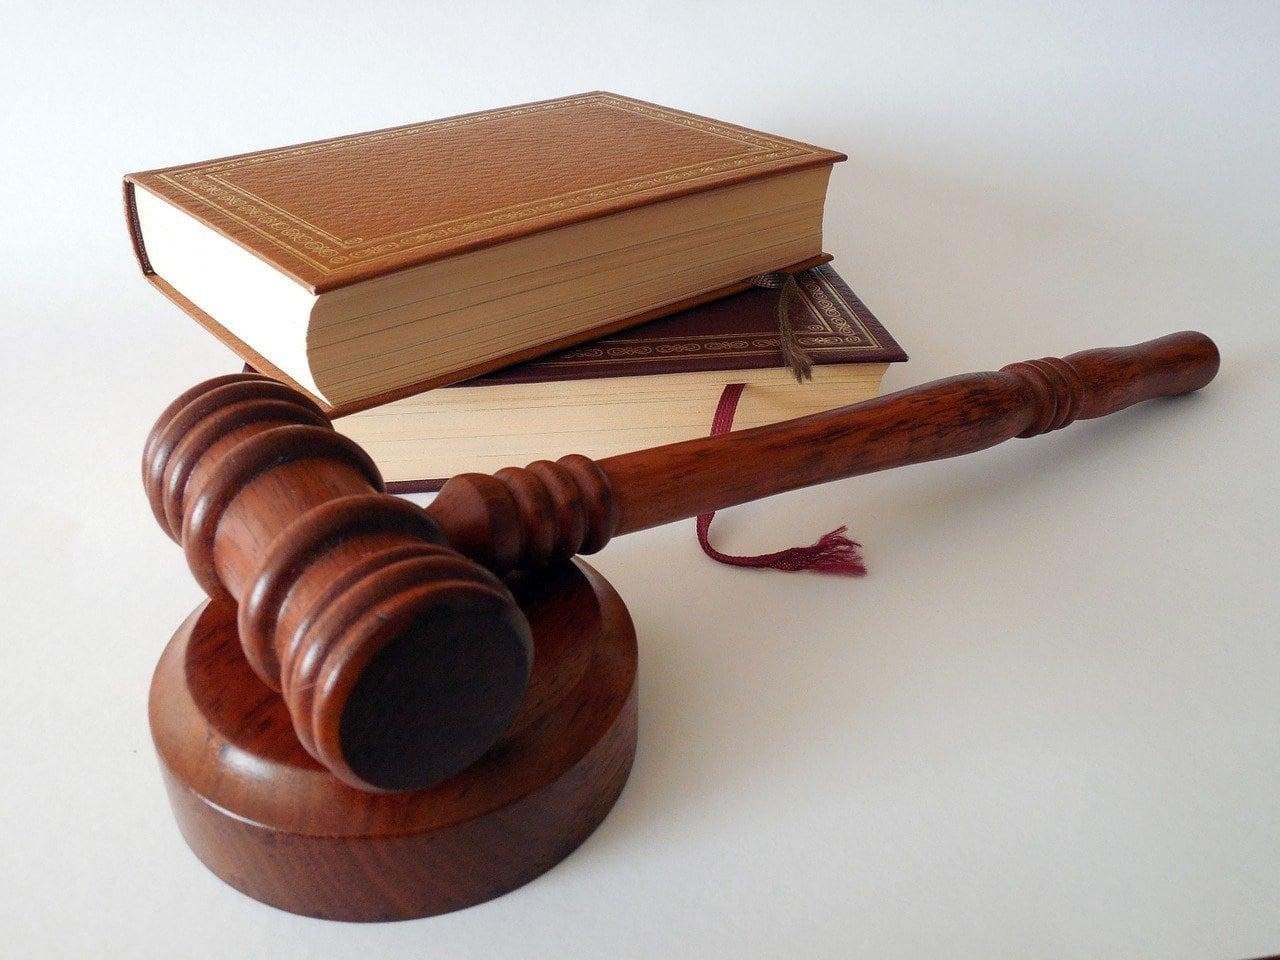 Ilmu Hukum - Jurusan Favorit di UNS dan Paling Banyak Peminat Universitas Sebelas Maret